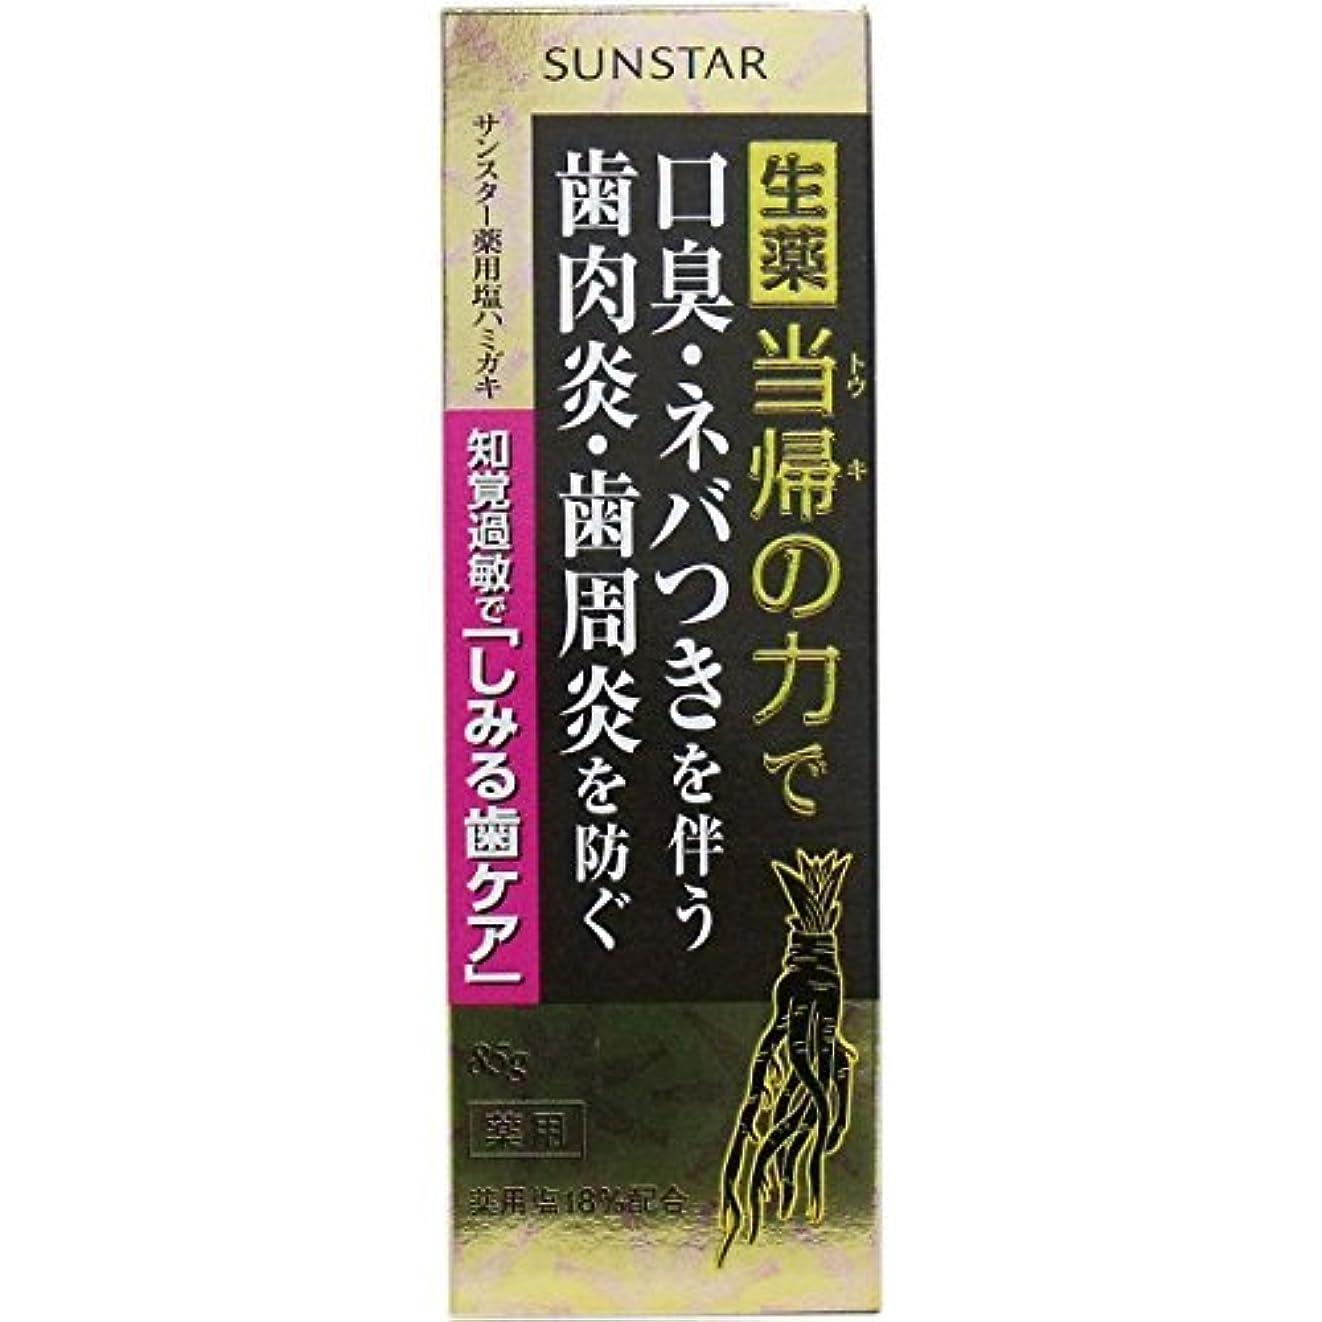 測定アルバム困惑したサンスター薬用塩ハミガキしみる歯ケア 85G [医薬部外品]